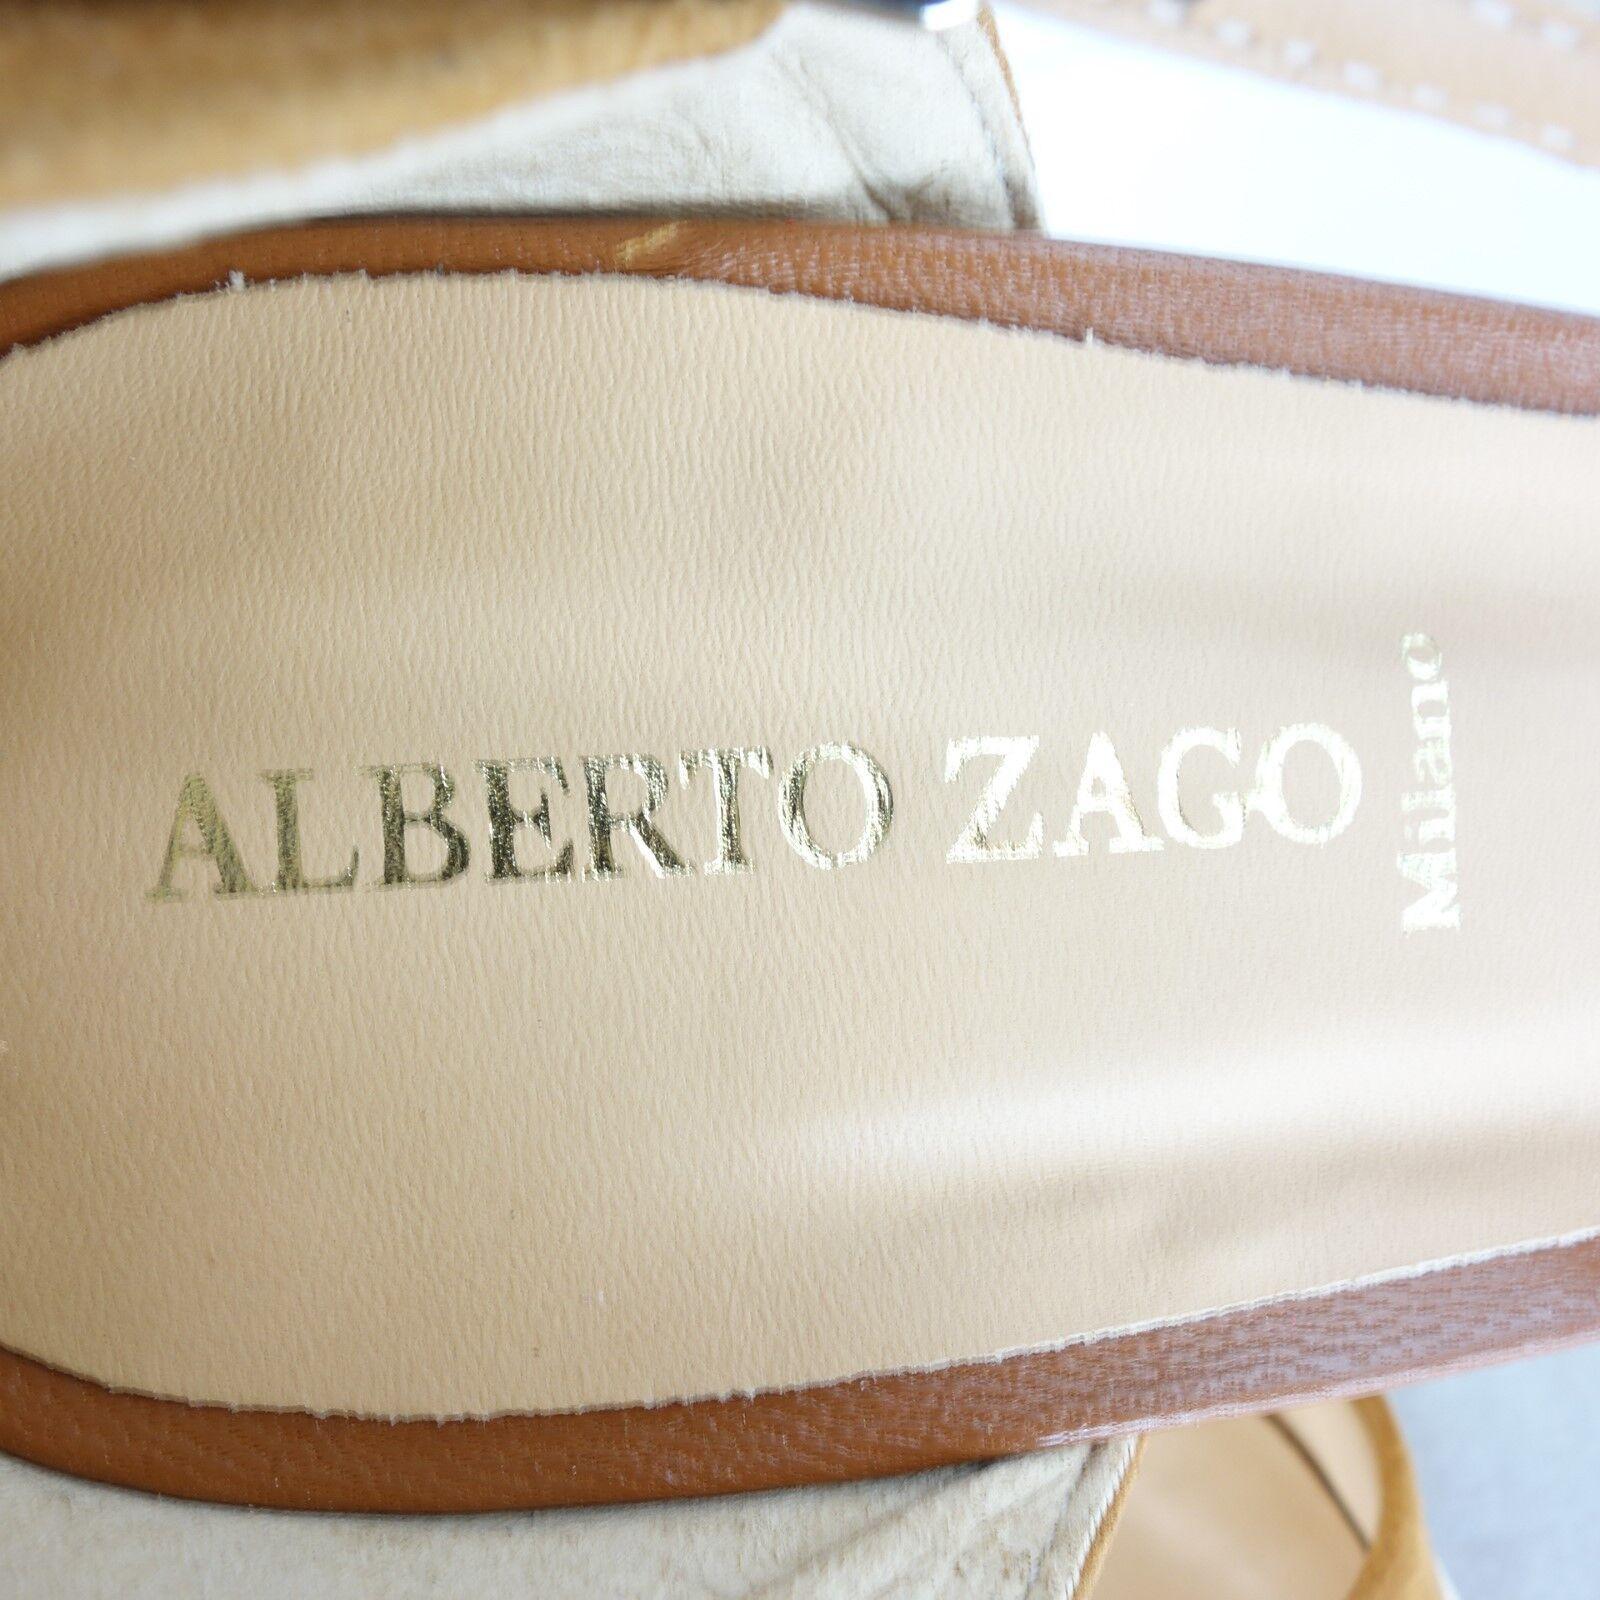 Alberto Zago Ladies shoes Sandals Court shoes Wedges Leather Multicolour Multicolour Multicolour Size 41 3c153e